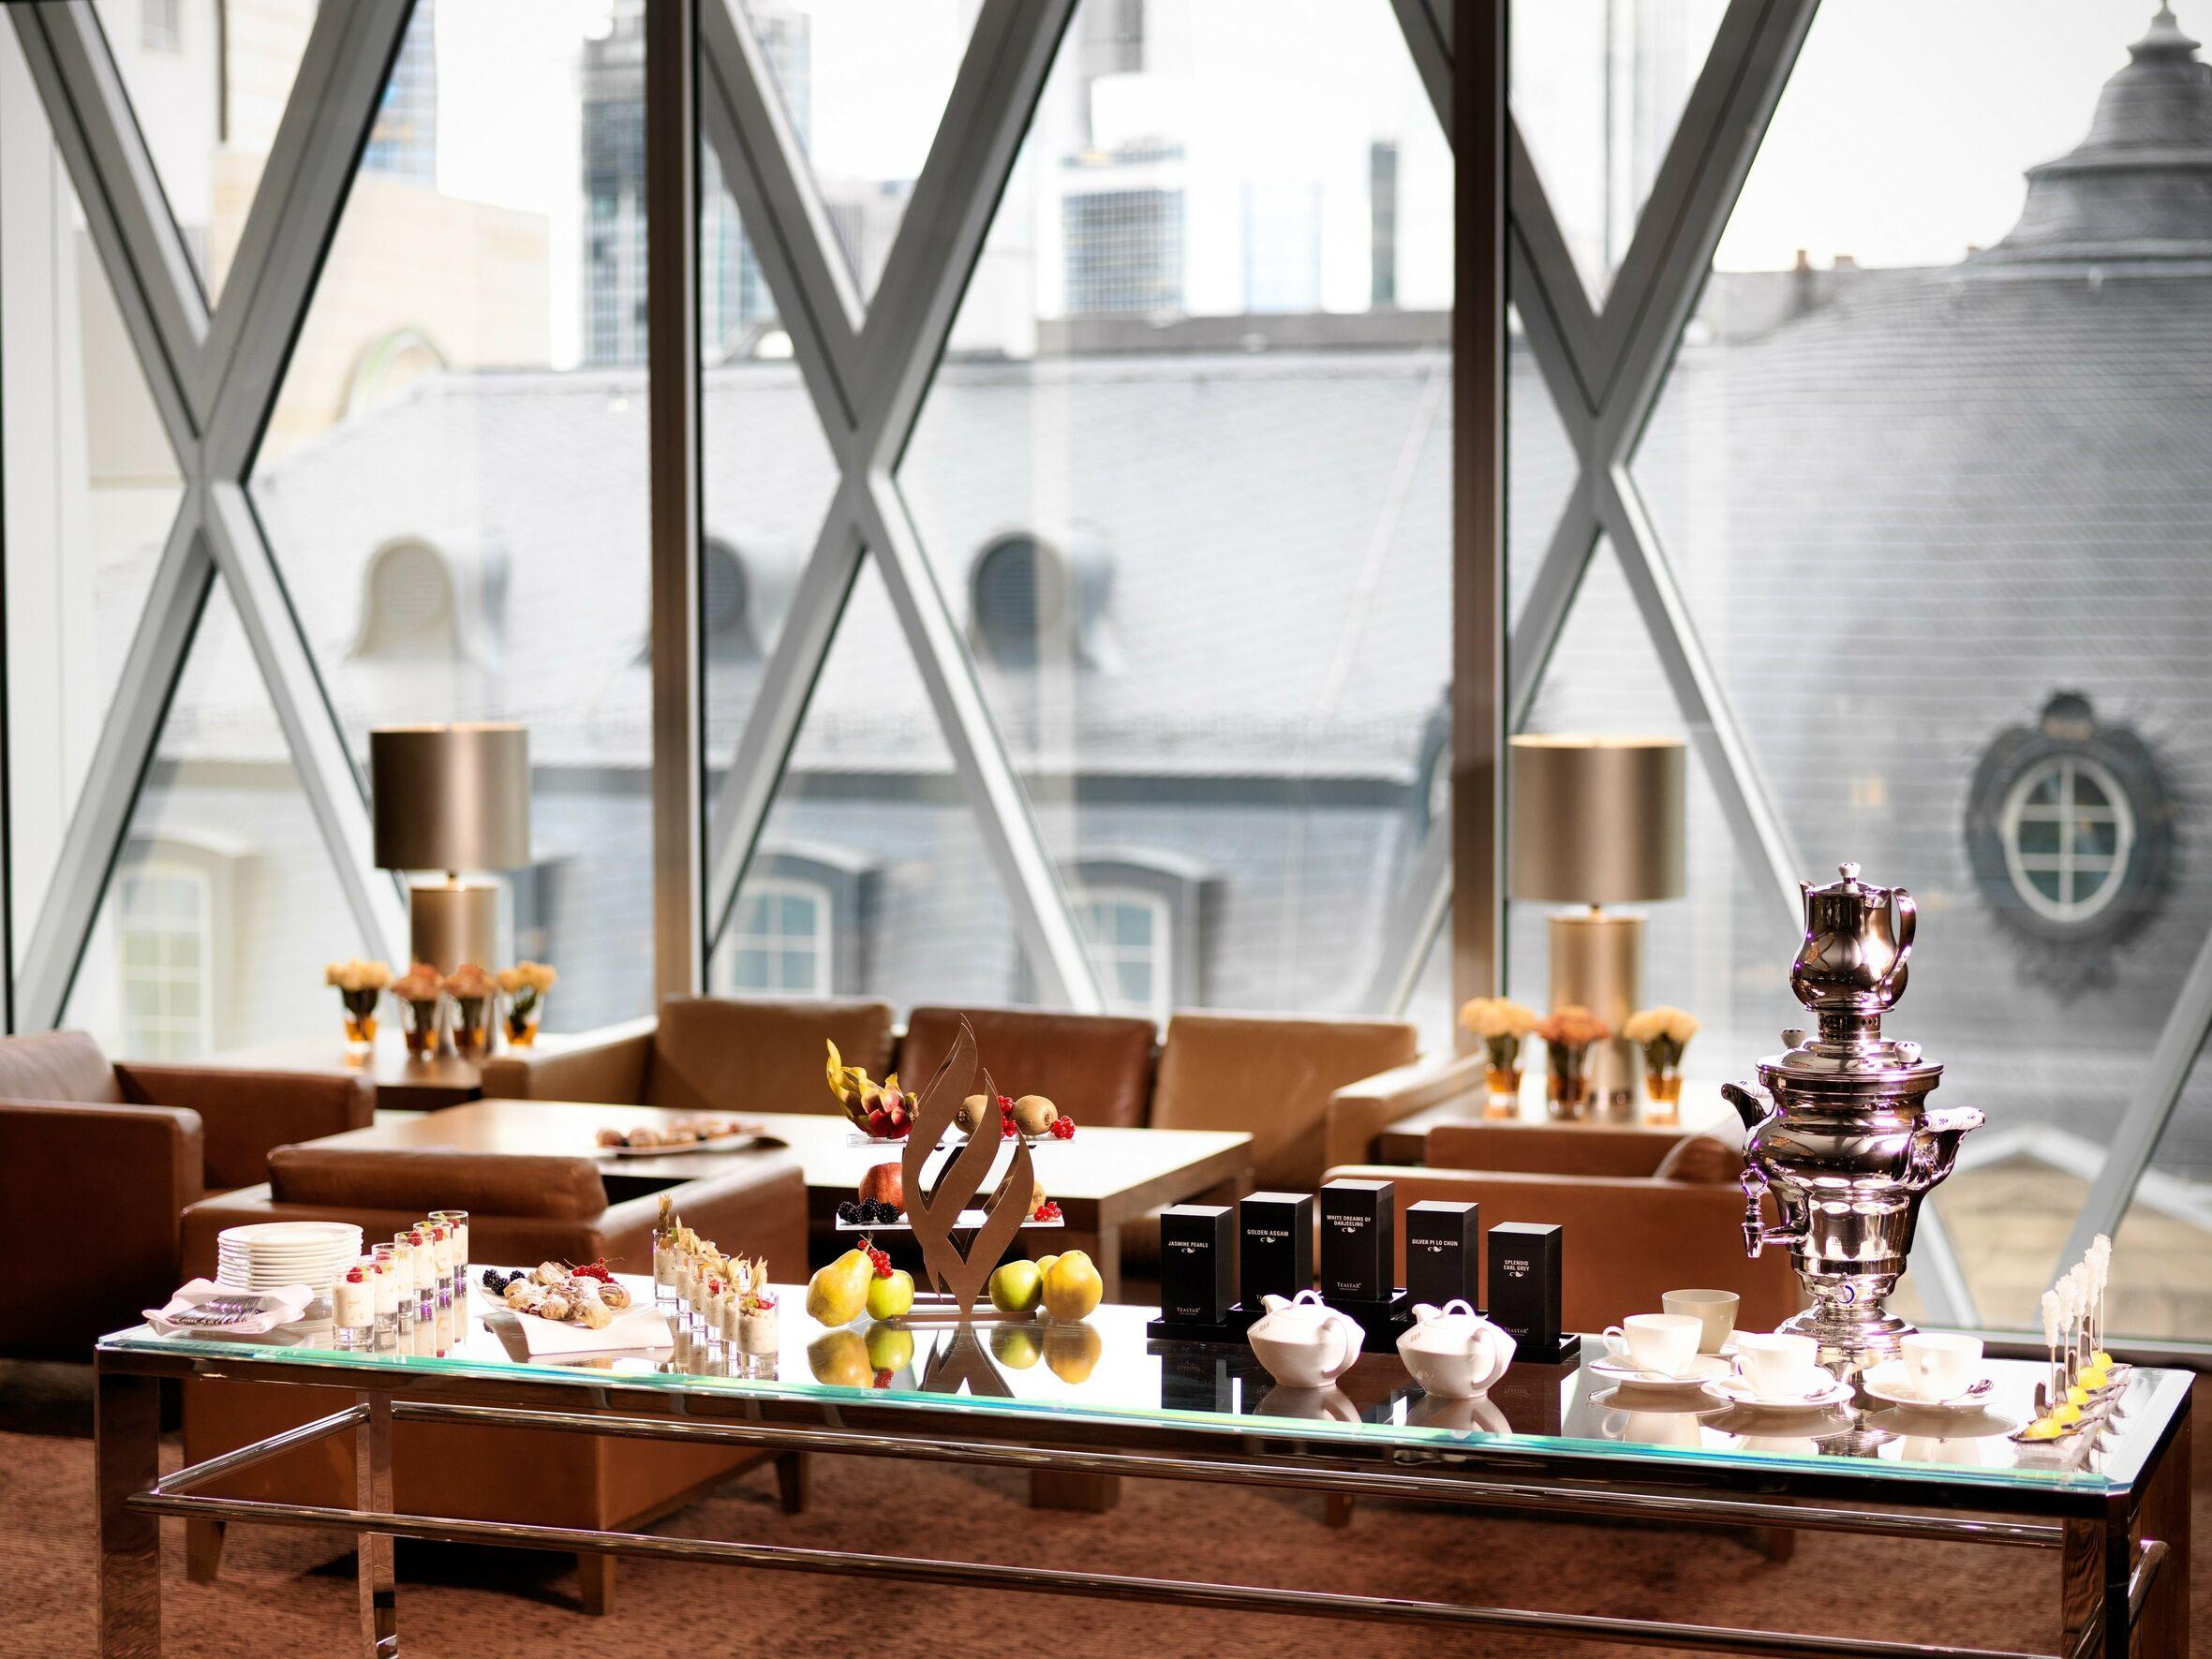 https://cdn.jumeirah.com/-/mediadh/DH/Hospitality/Jumeirah/Hotels/Frankfurt/Jumeirah-Frankfurt/Others/Medium_resolution_150dpi-Jumeirah-Frankfurt-Pre-Function-Area-Coffee-Break_square.jpg?h=1771&w=2361&hash=3E7171DD8AA98A853DE30FF43B84977C